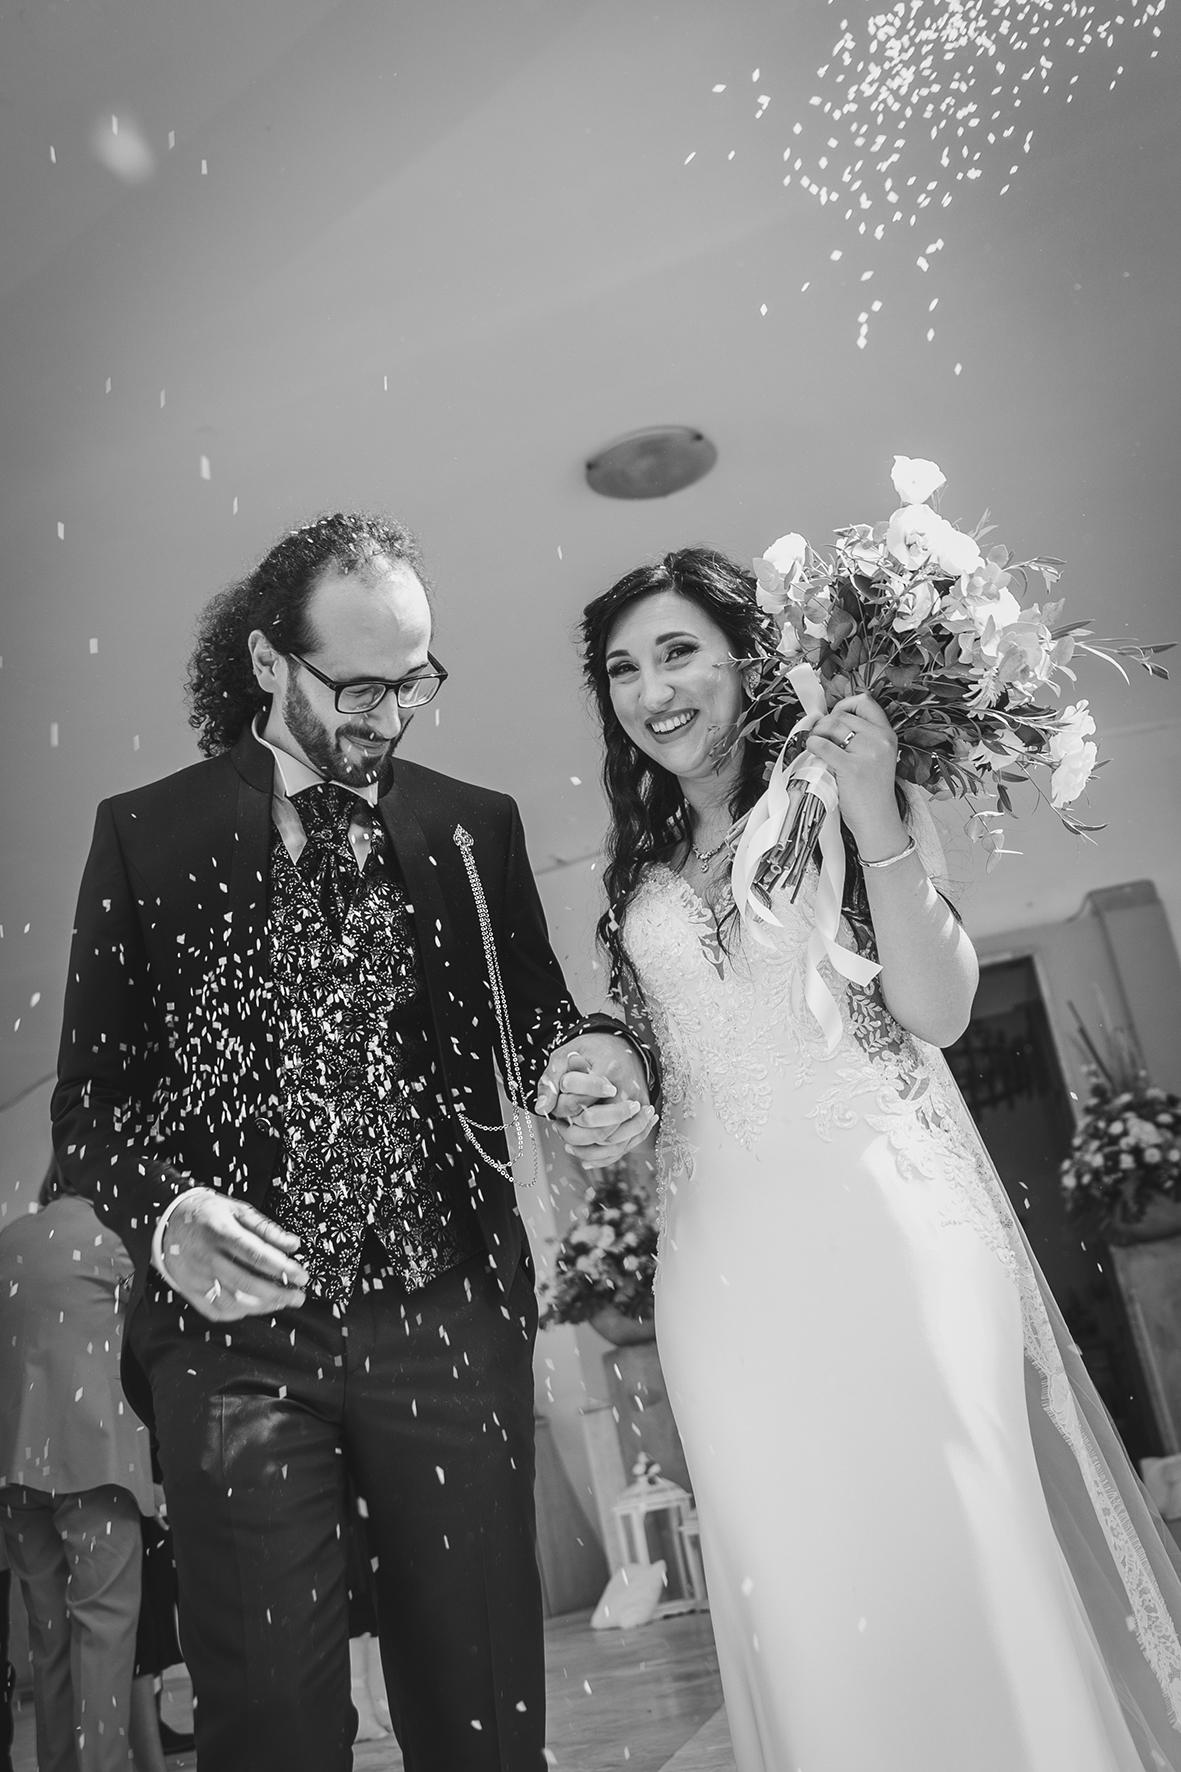 post produzione foto di matrimonio da colore a bianco e nero